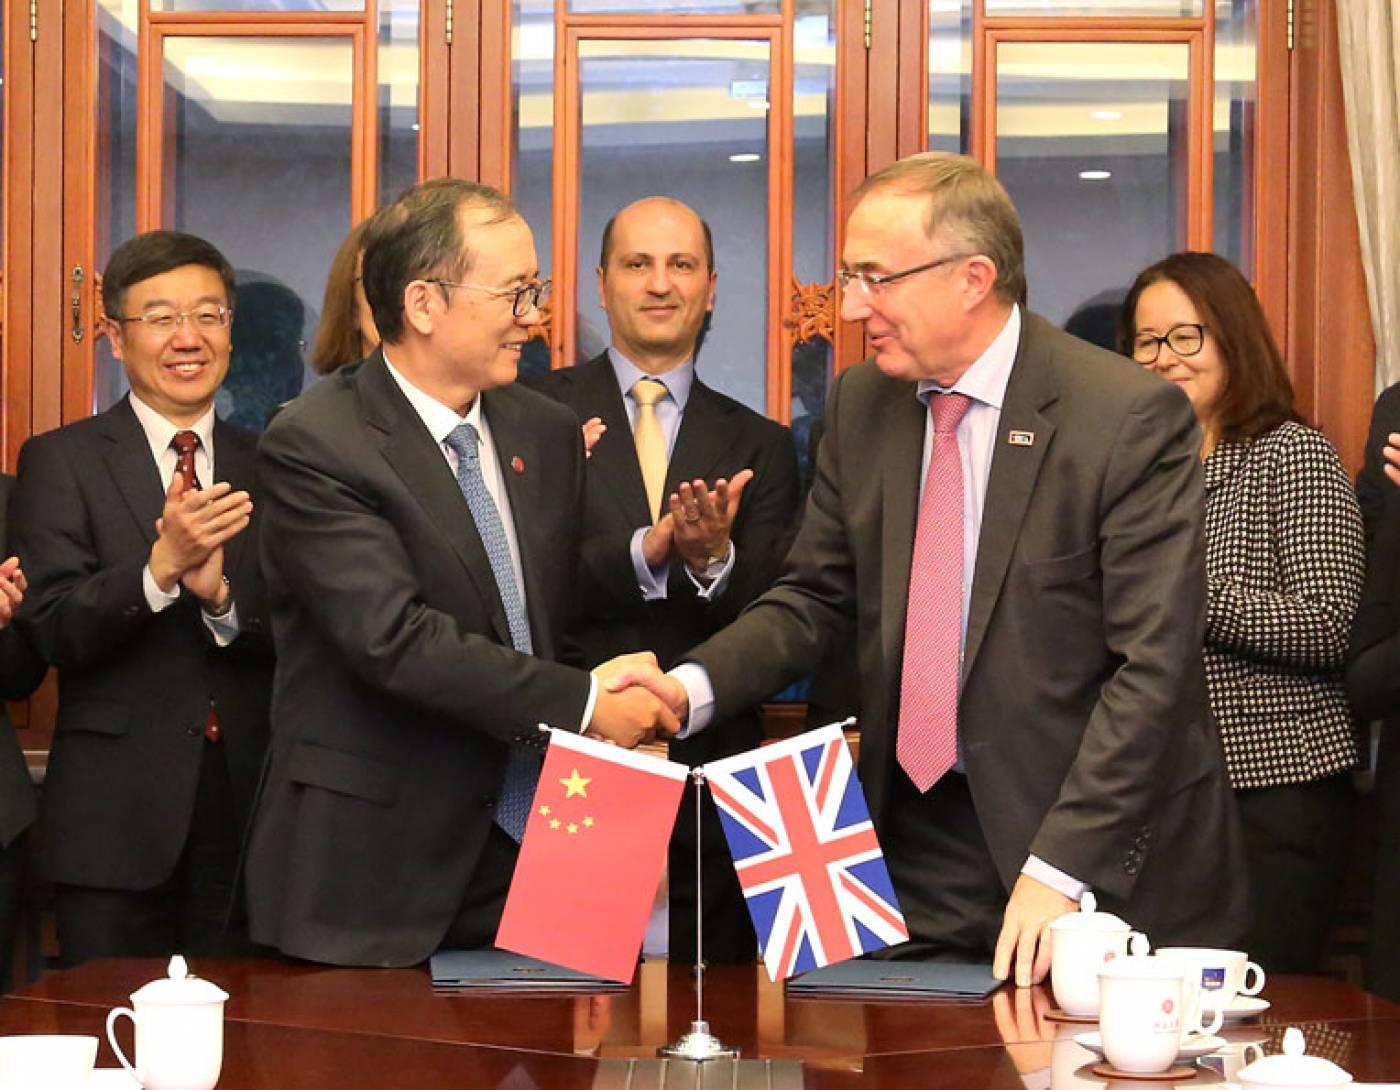 PKU agreement